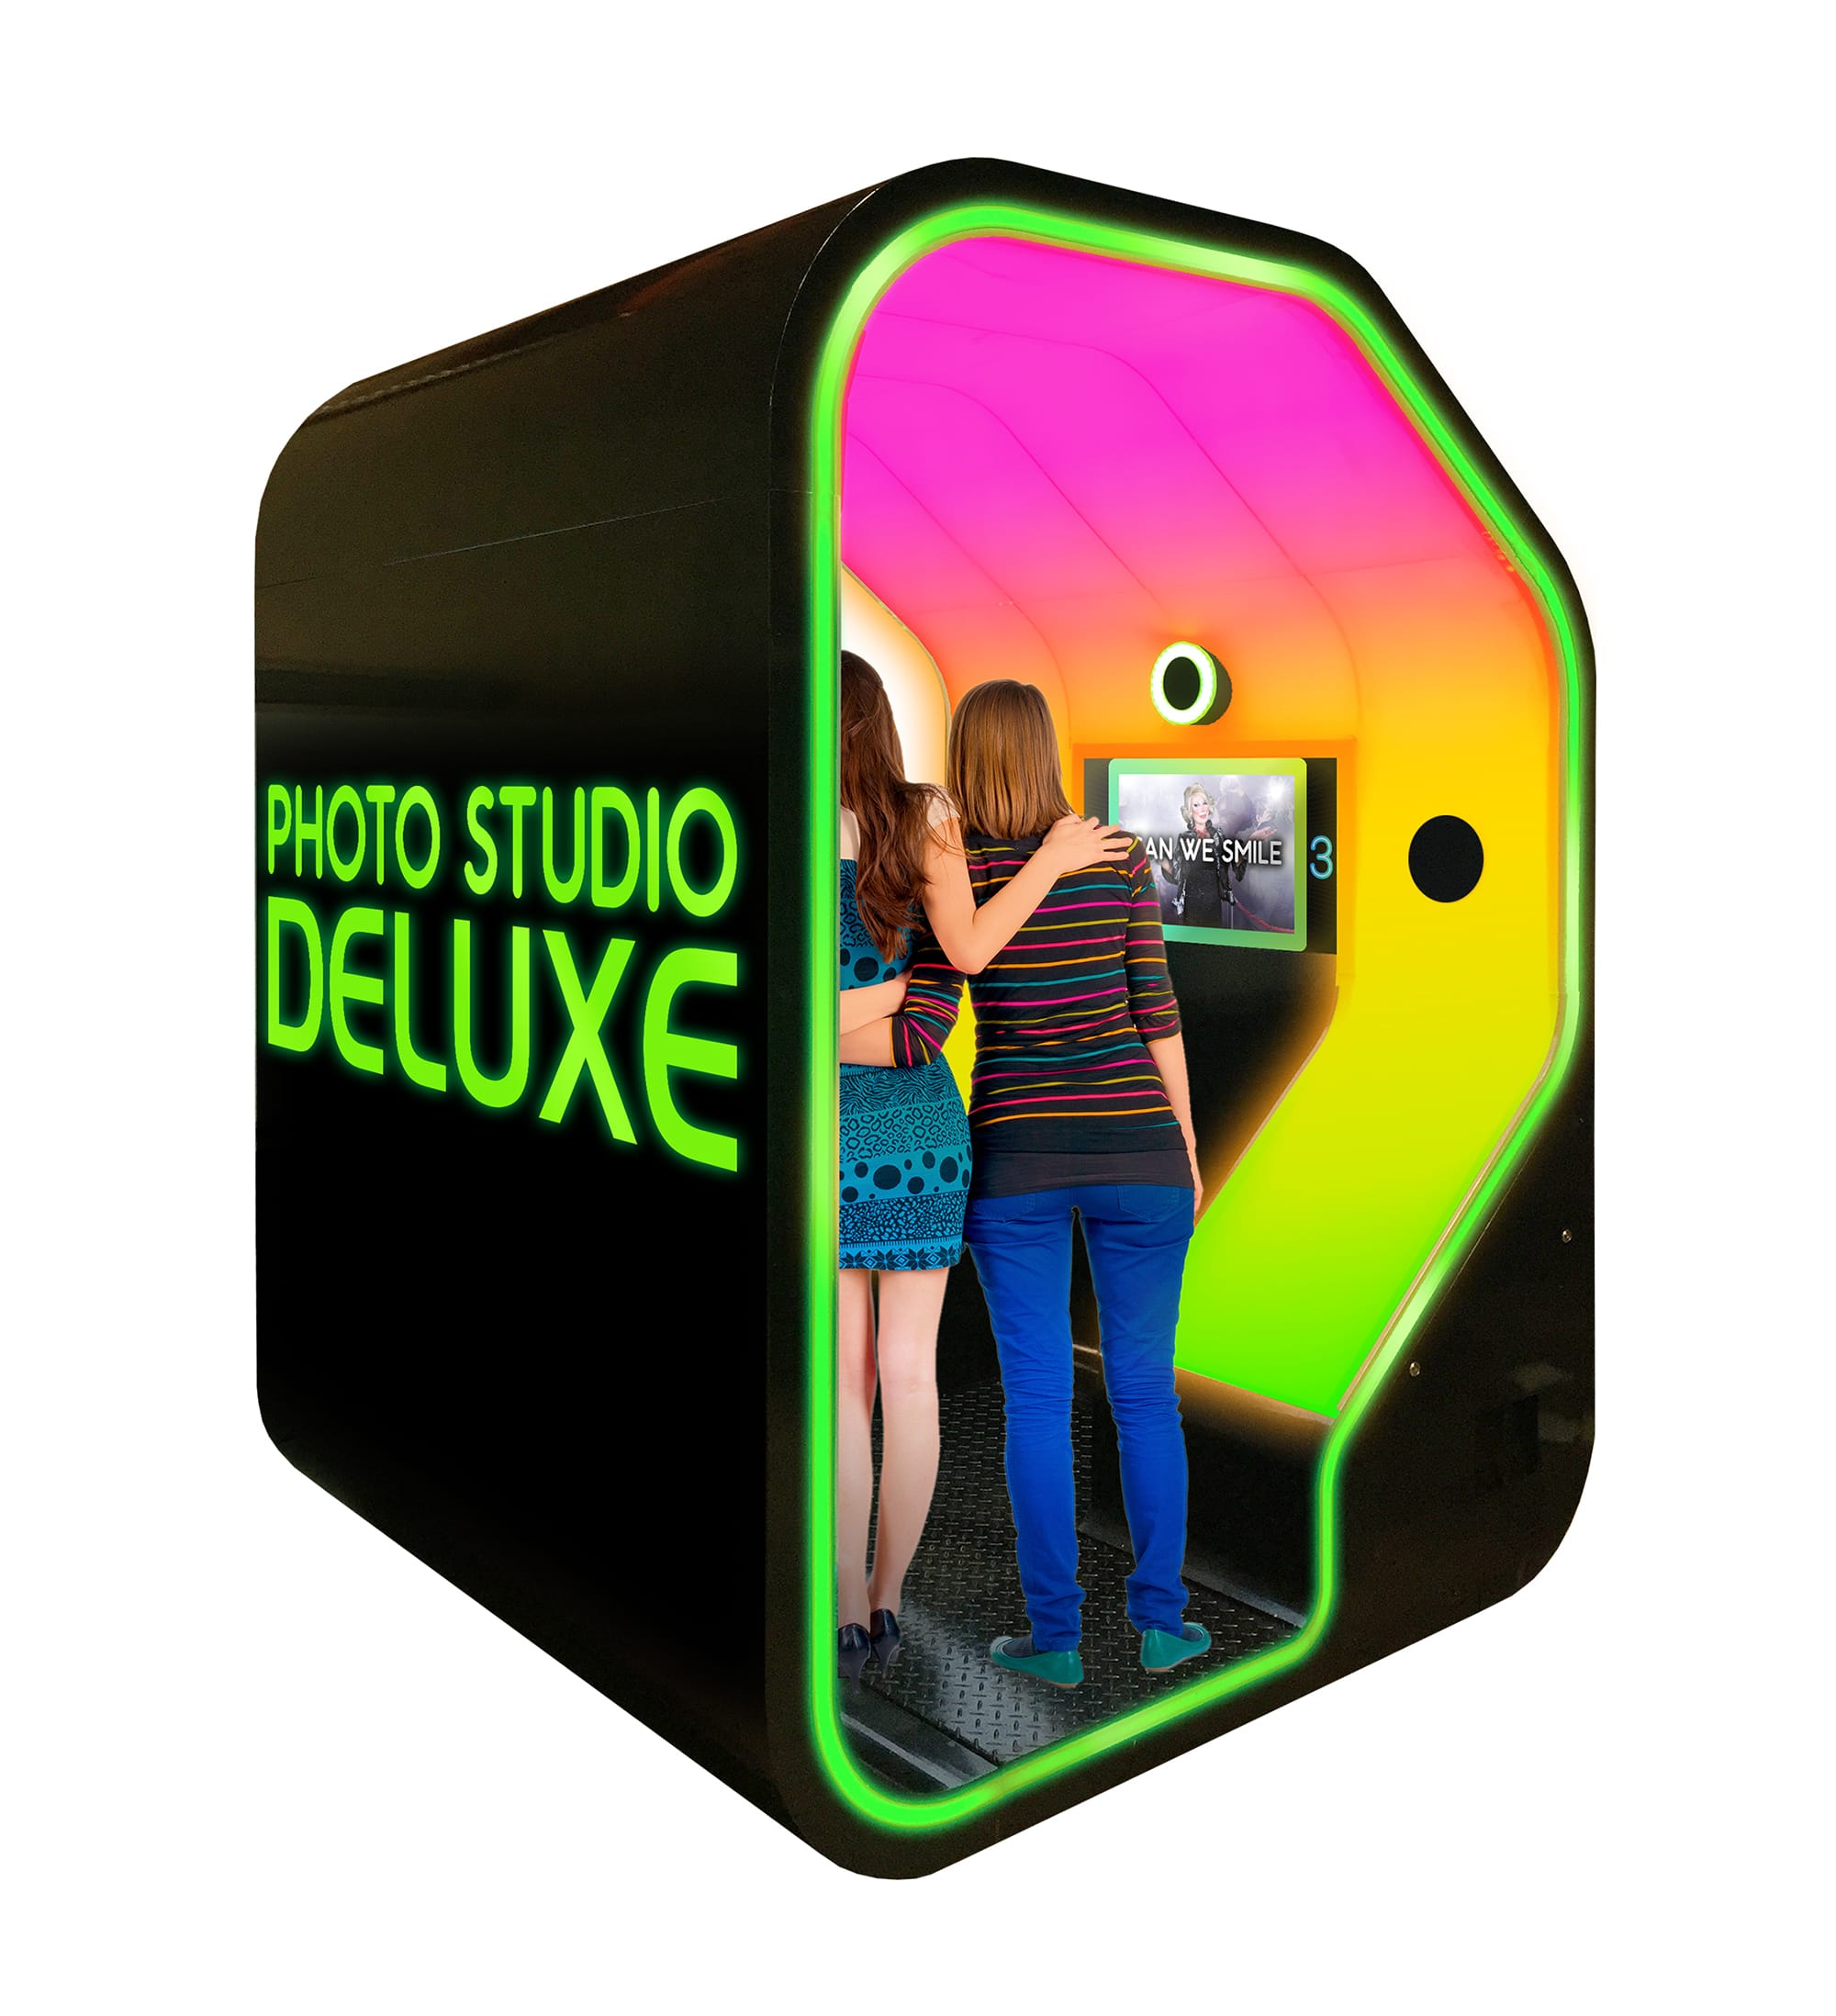 Photo Studio Deluxe